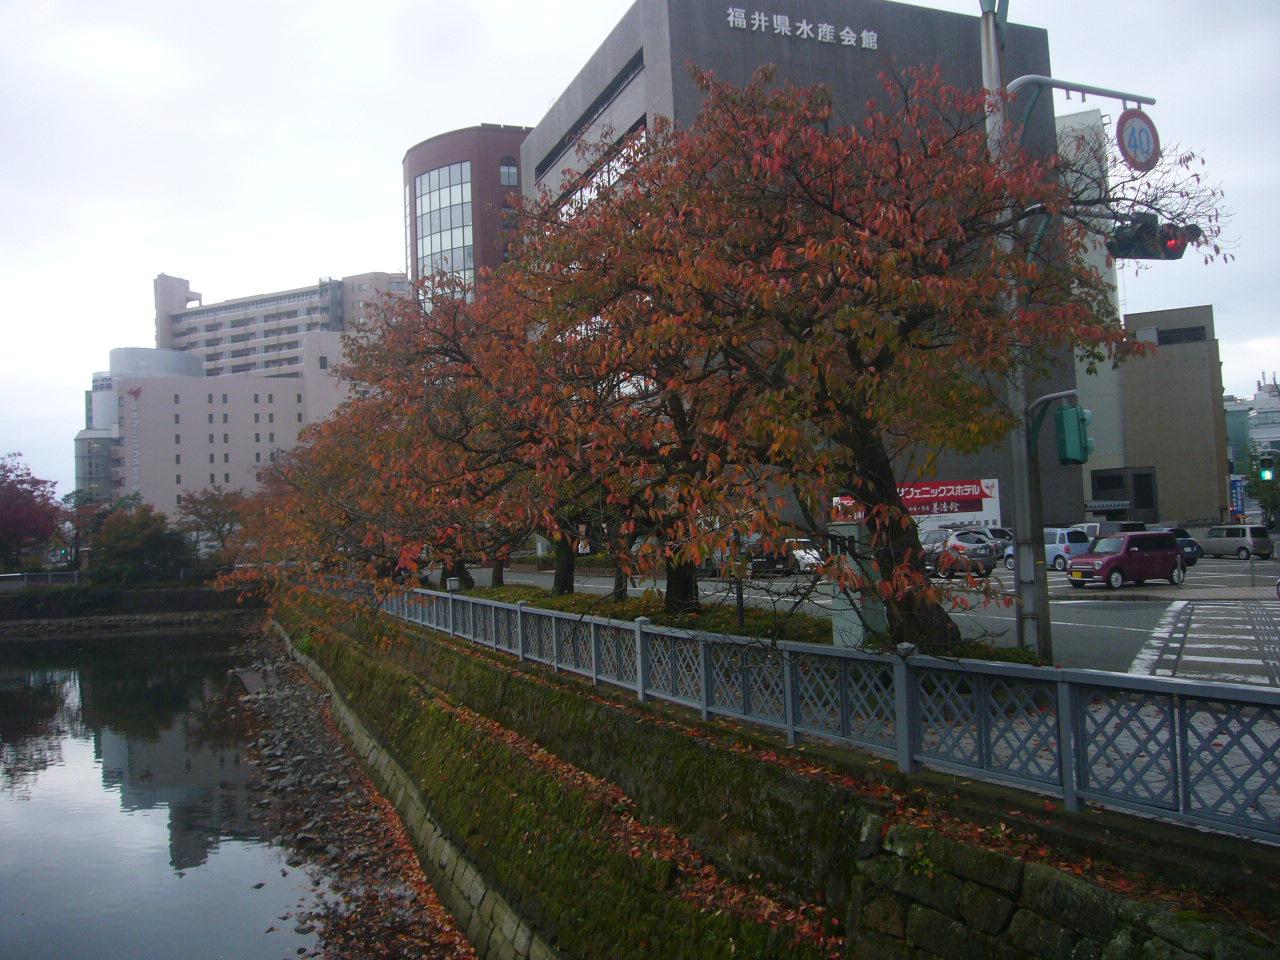 福井県庁周辺の姥桜紅葉 H26.11.02撮影